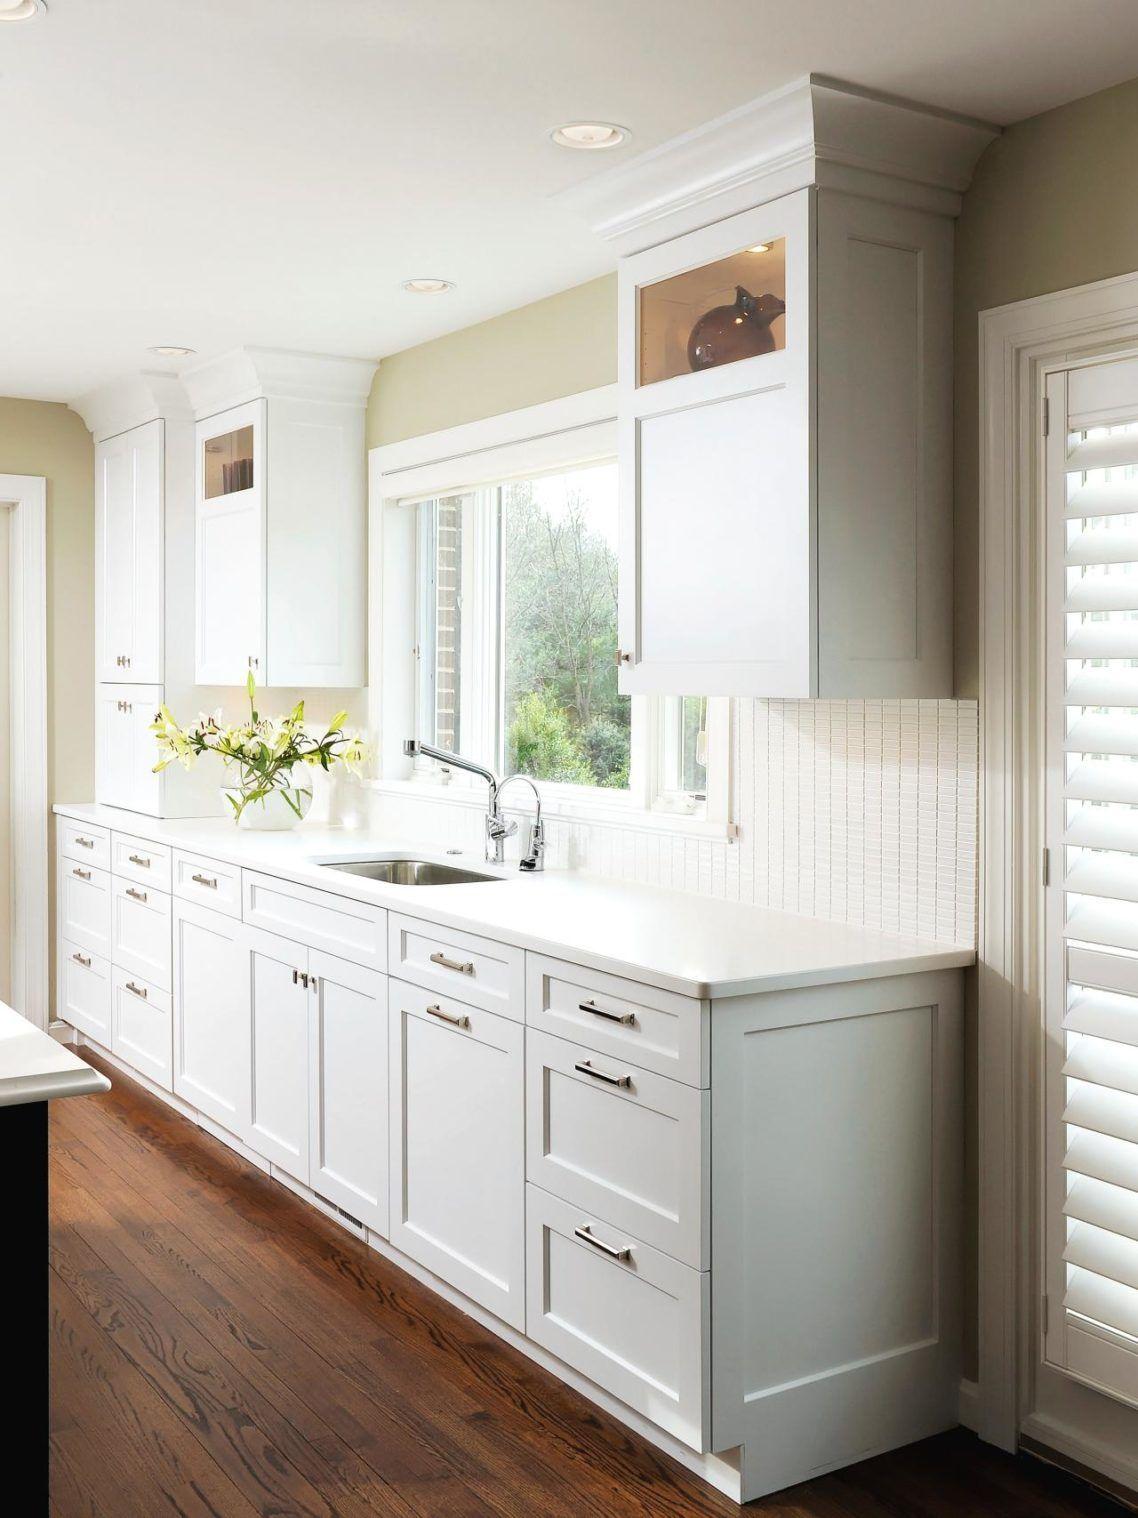 Luxury Design Home Modern Kitchen Ideas With White Wooden Kitchen ...